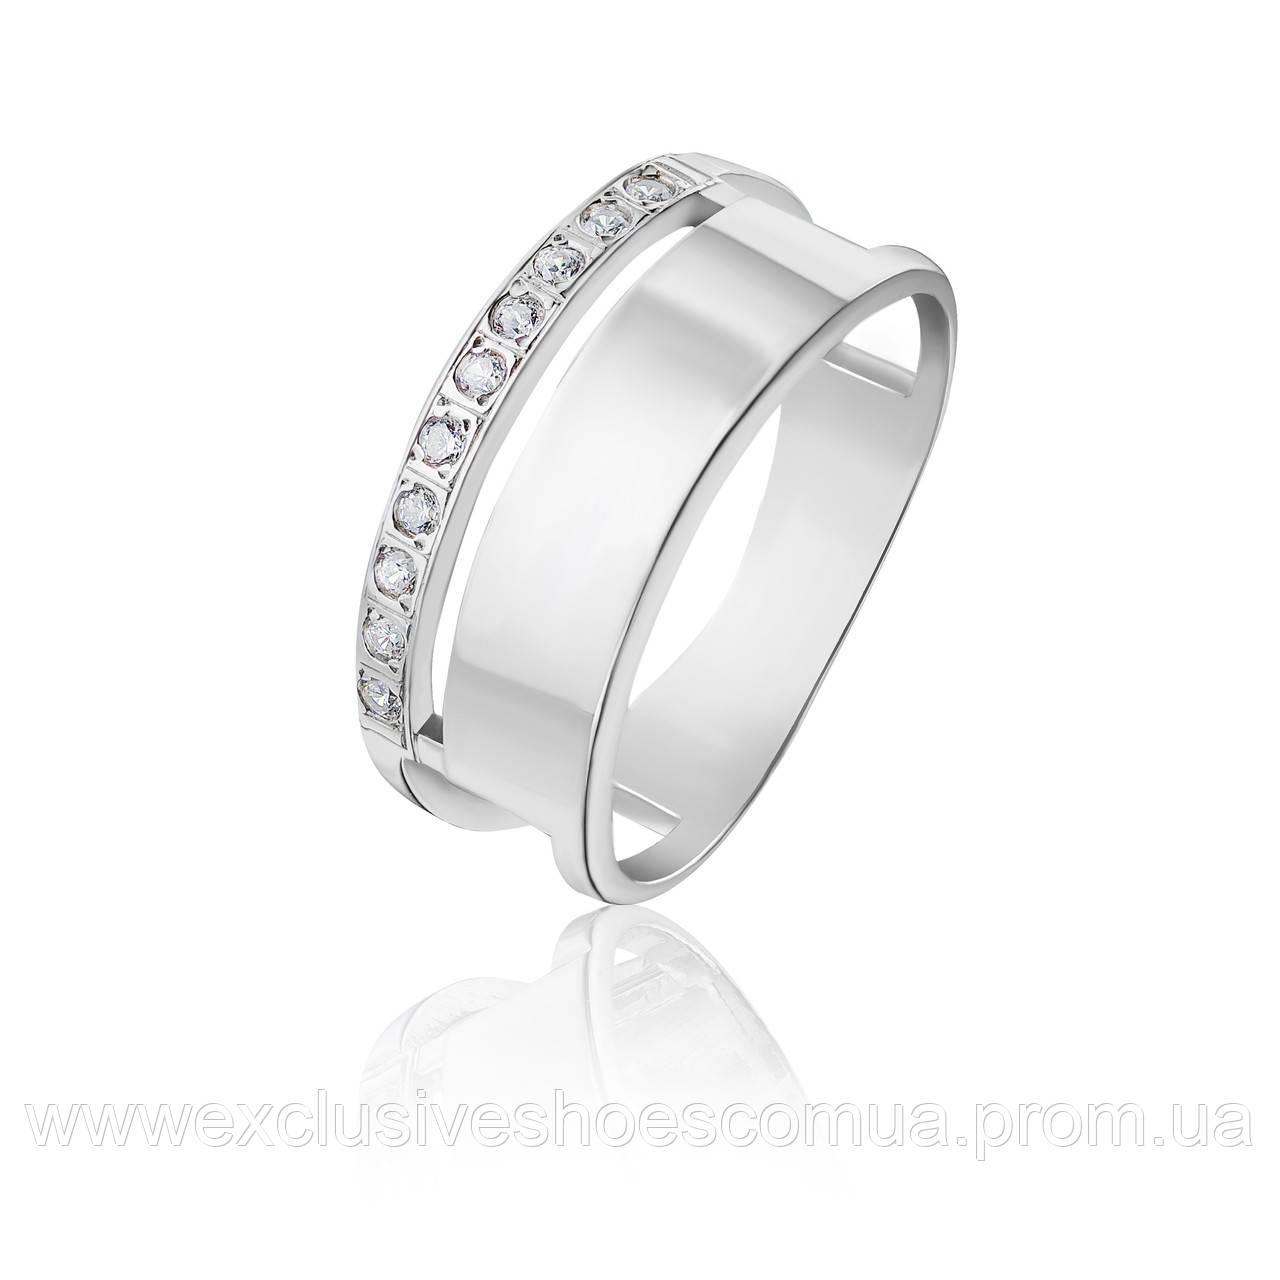 """Серебряное кольцо """"Стелла"""" с фианитами, арт-910017б"""